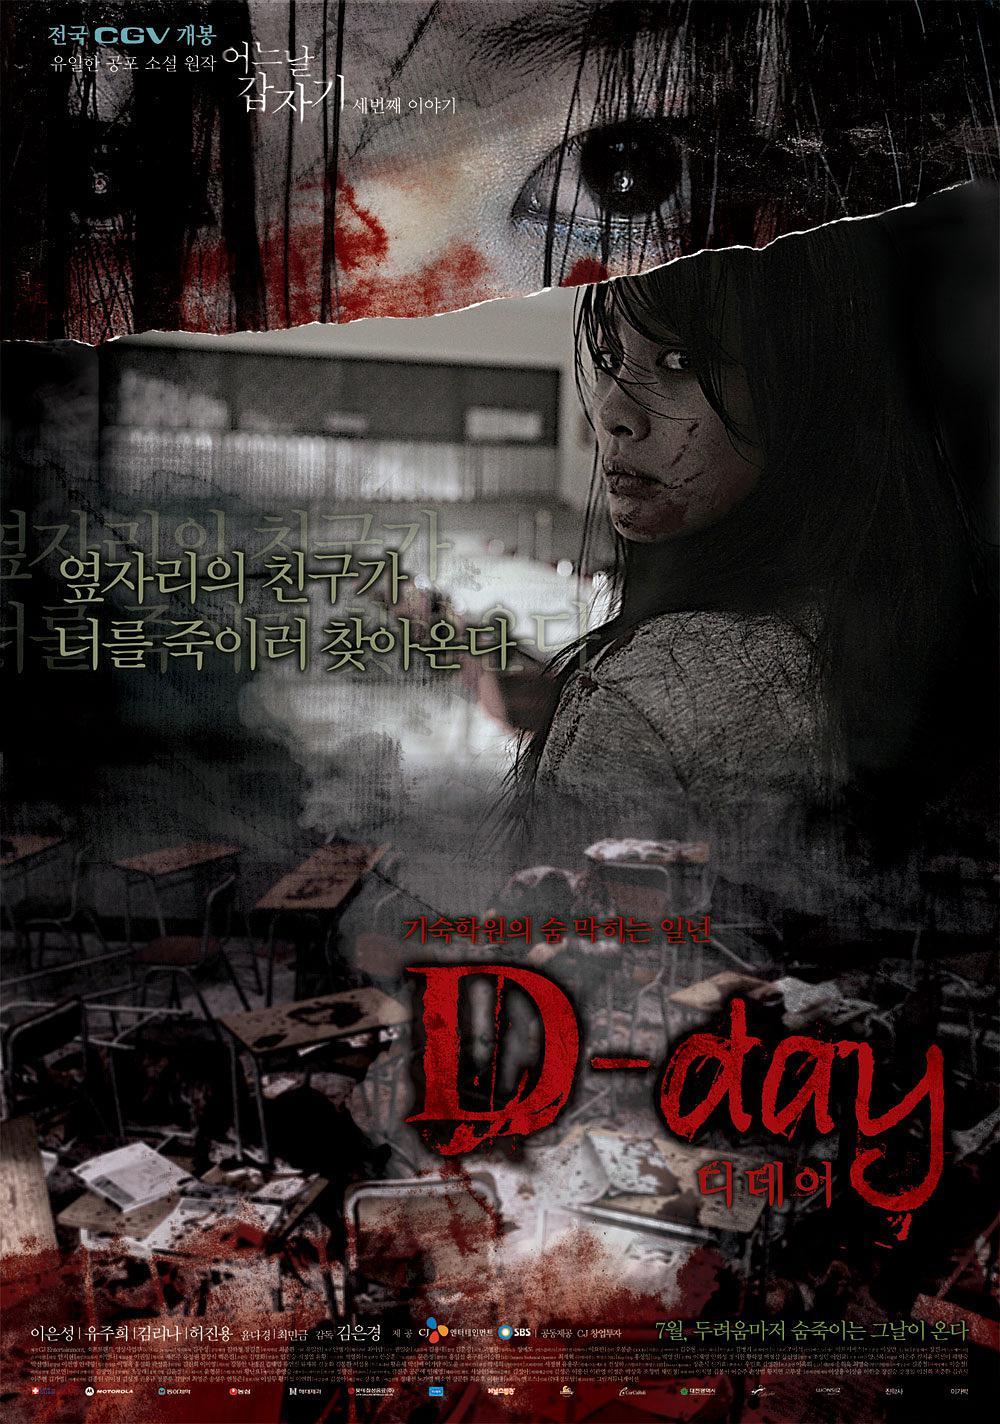 突然有一天3(D-day)